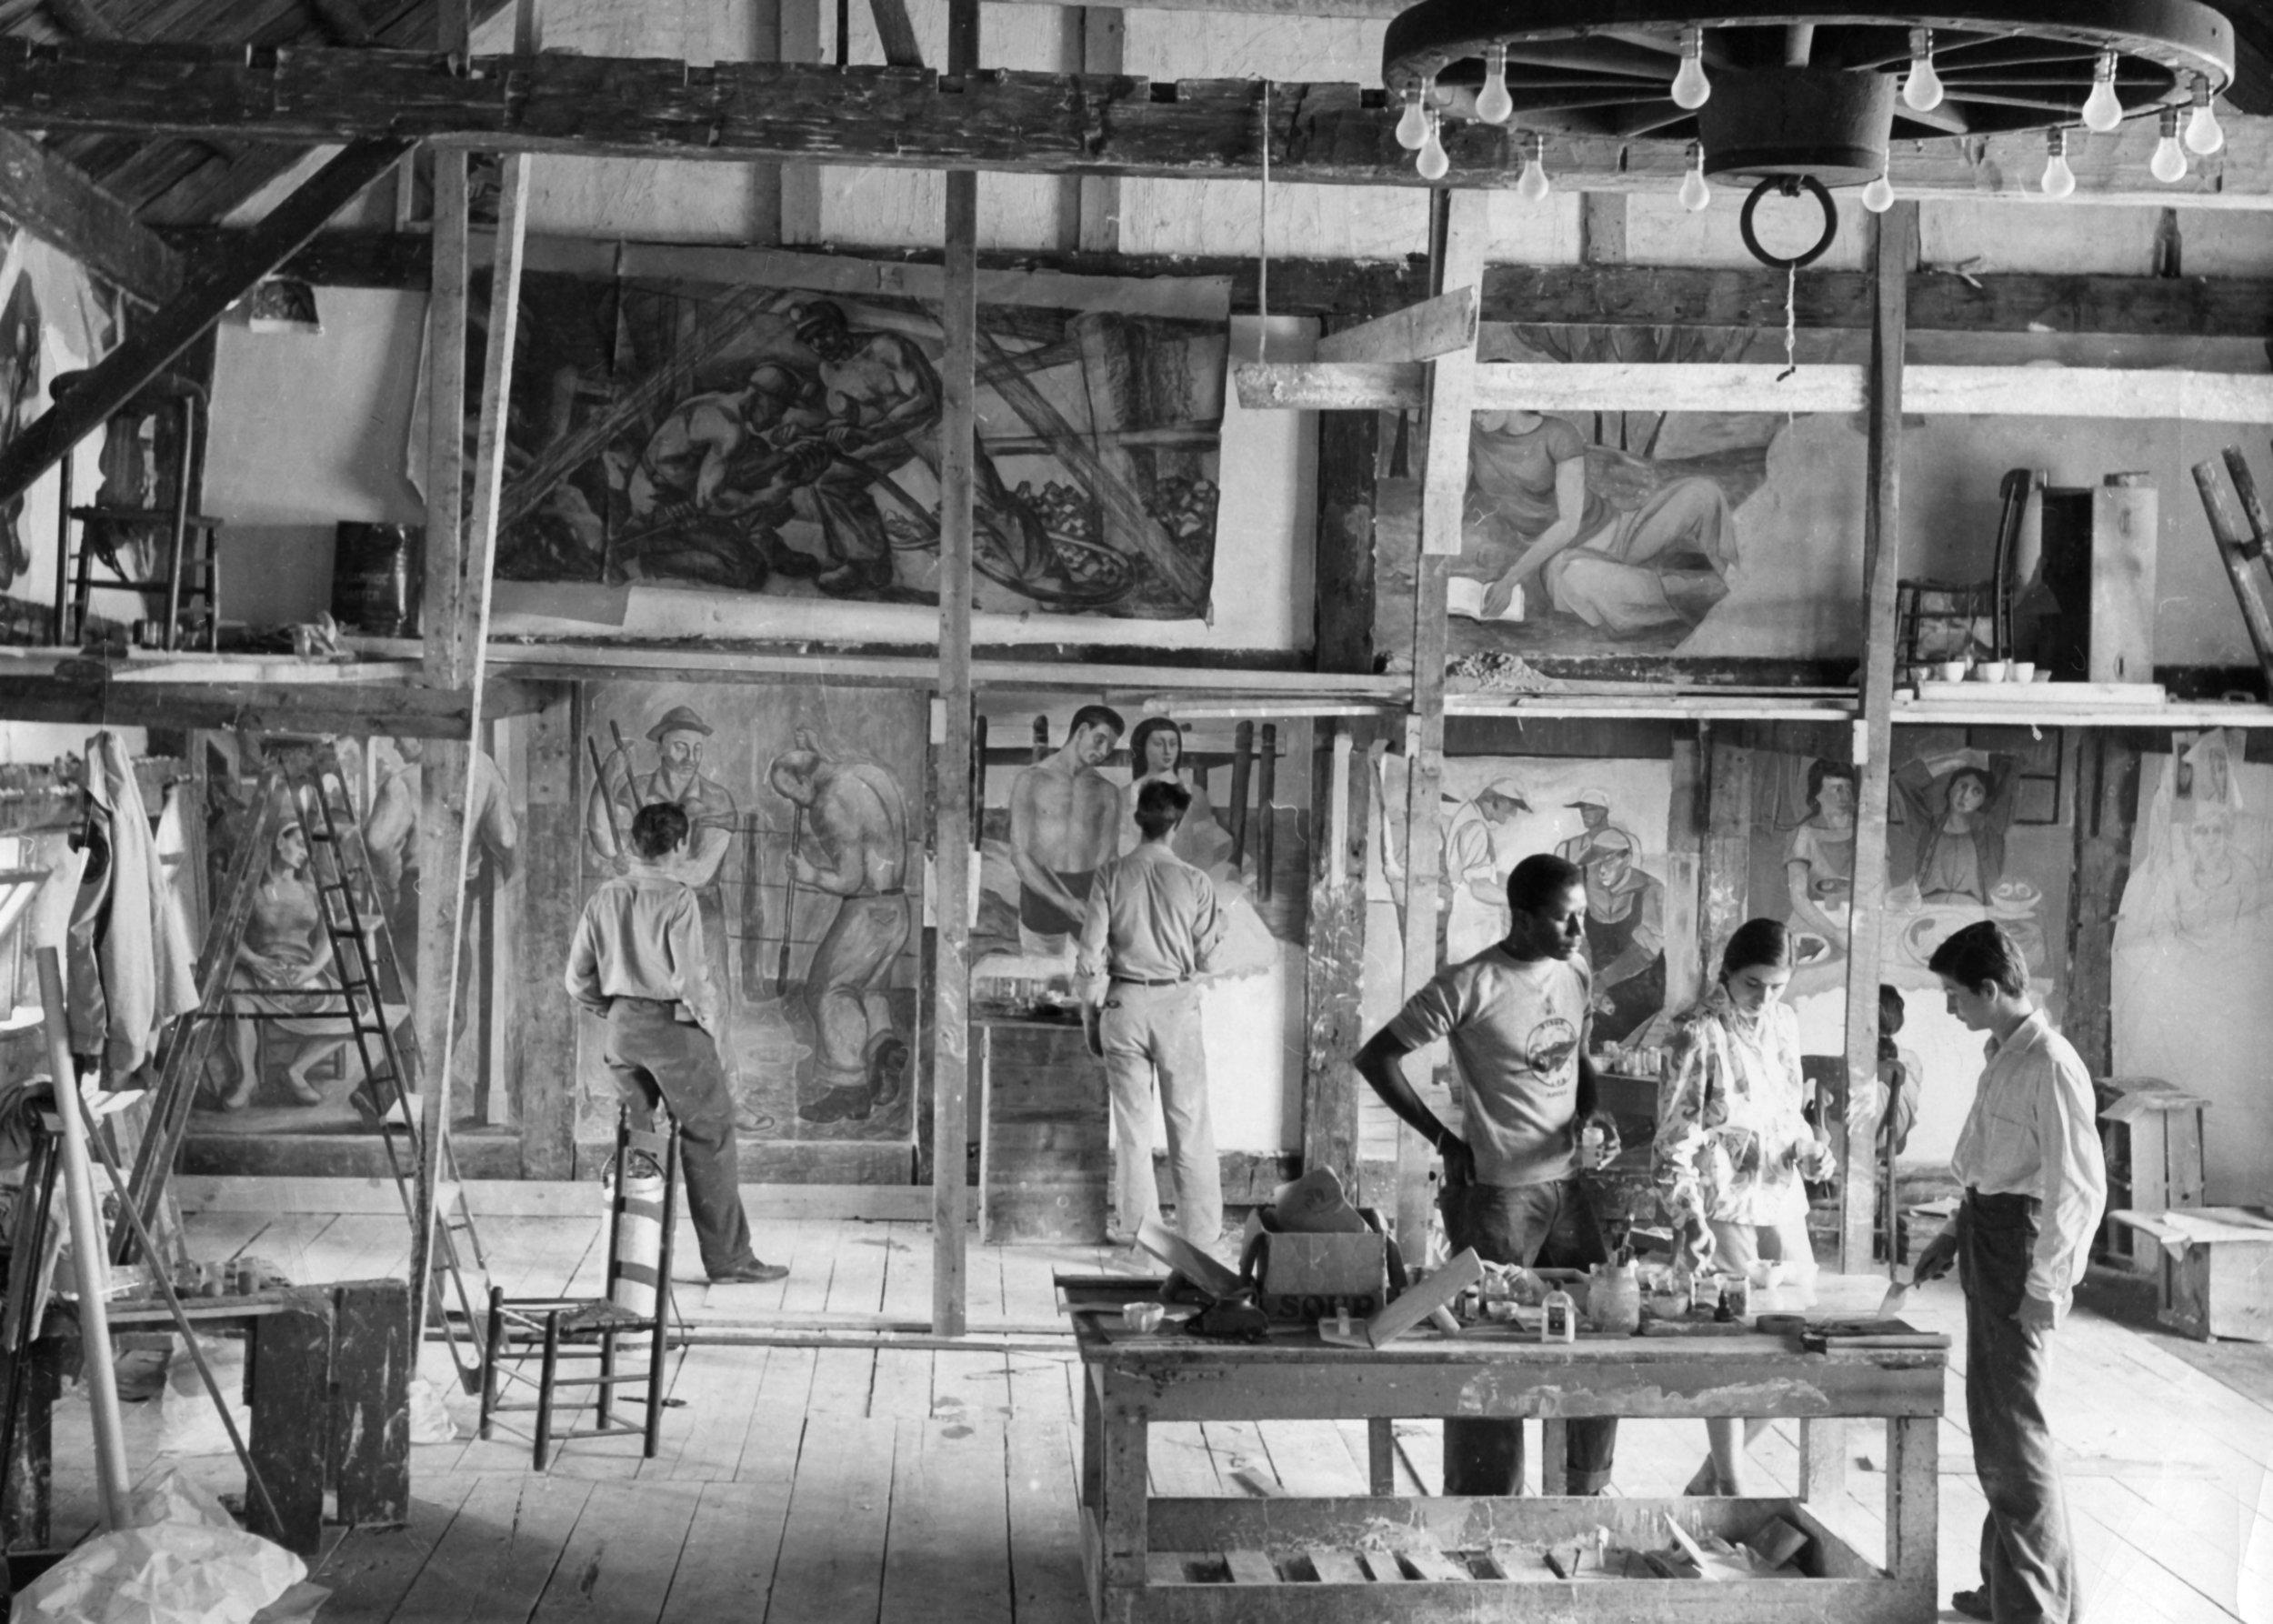 Pariticipants in the Old Dominion Fresco Barn, 1947.